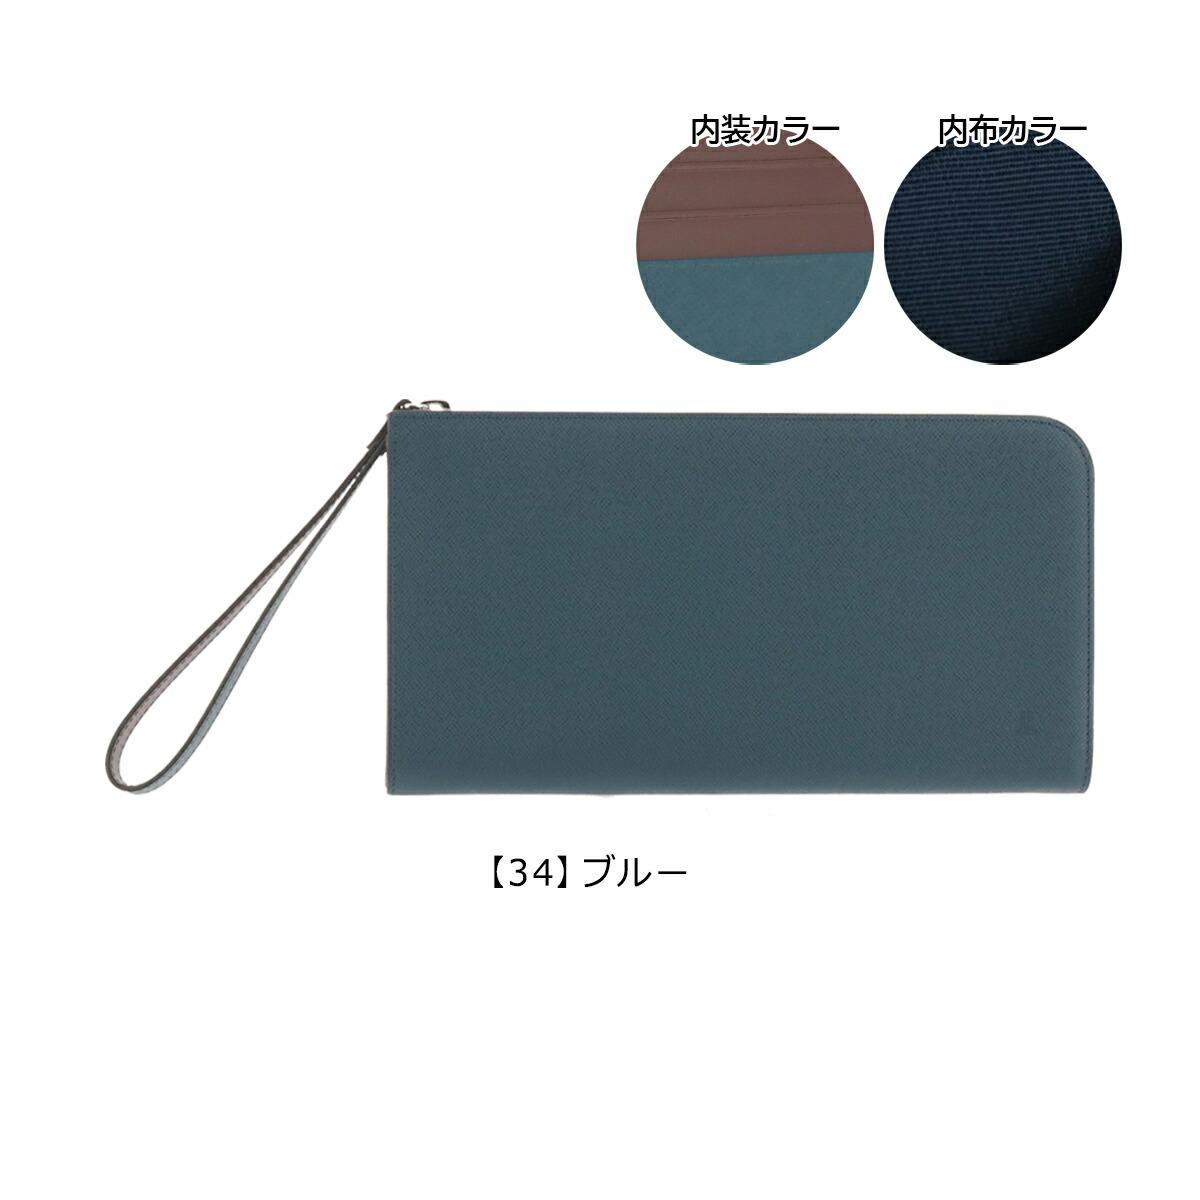 【34】ブルー